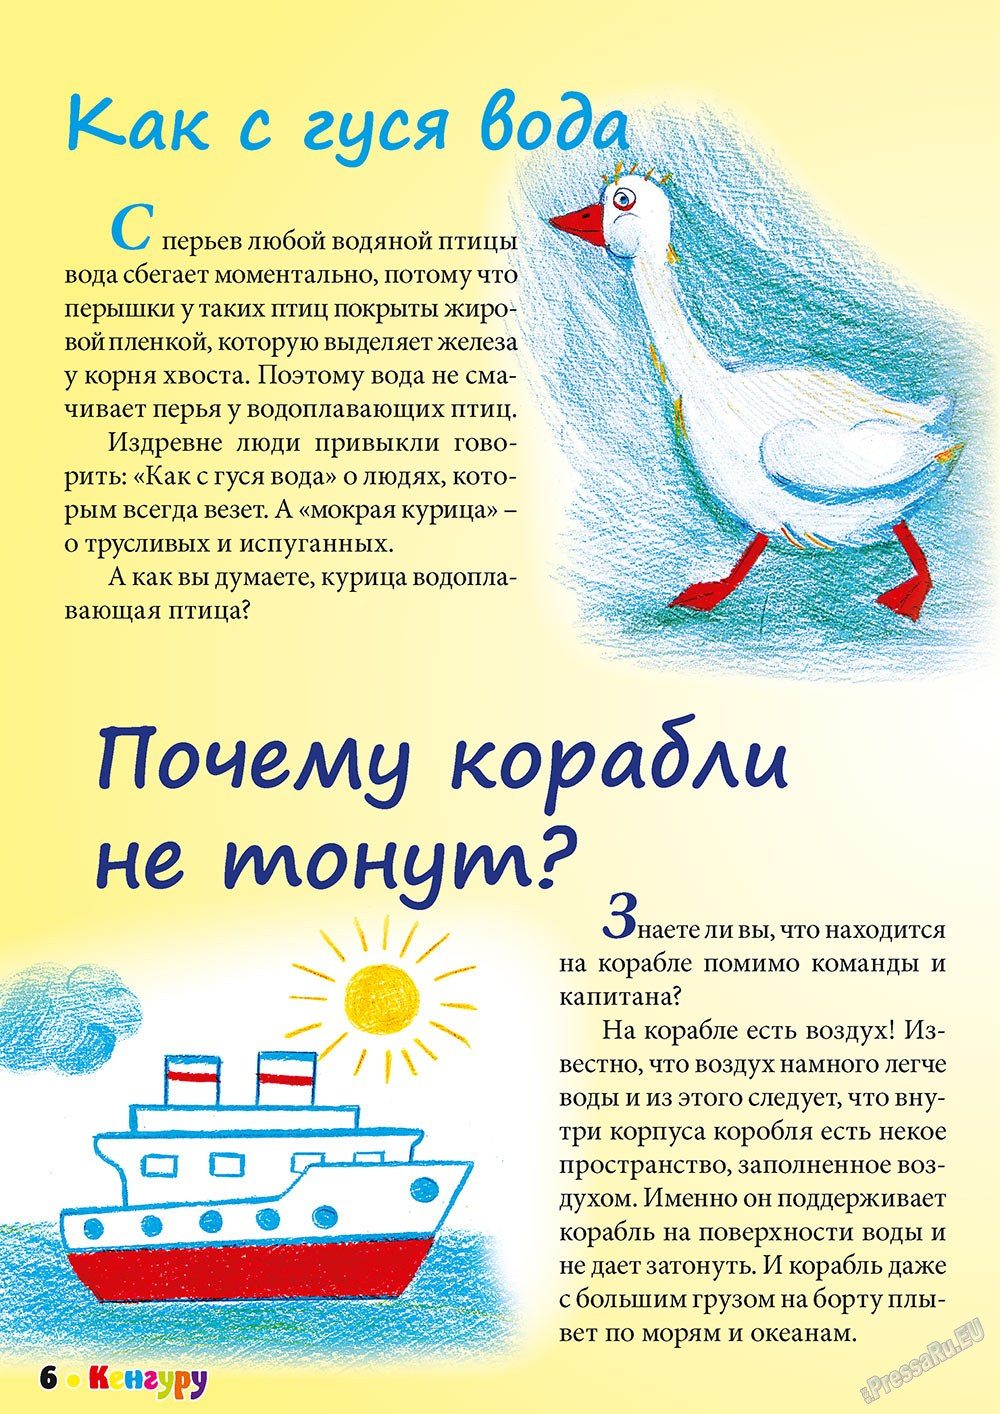 Кенгуру (журнал). 2010 год, номер 1, стр. 6